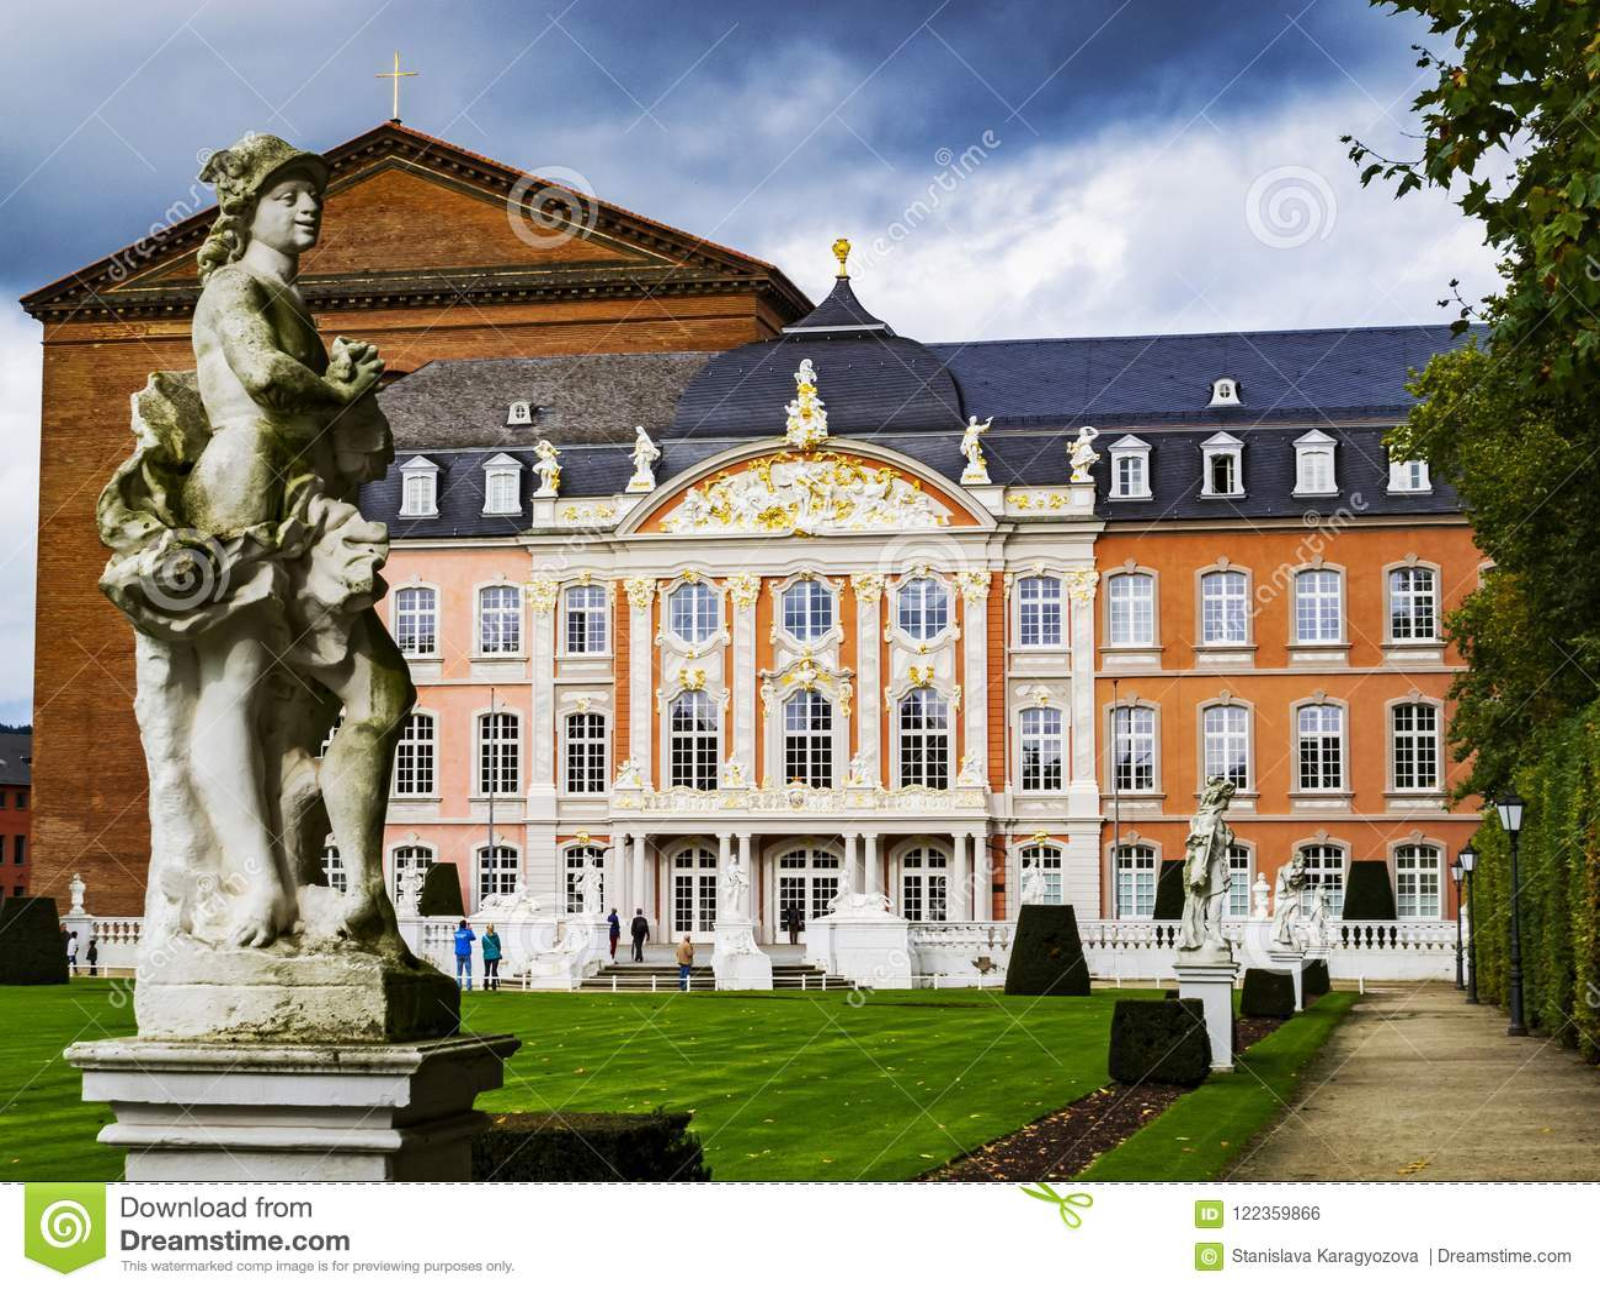 ODWAŻNIAK NIEMCY, PAŹDZIERNIK, - 16, 2014: Statua Mercury Ferdinand Tietz przed Elektoralnym pałac Palatina i aulą